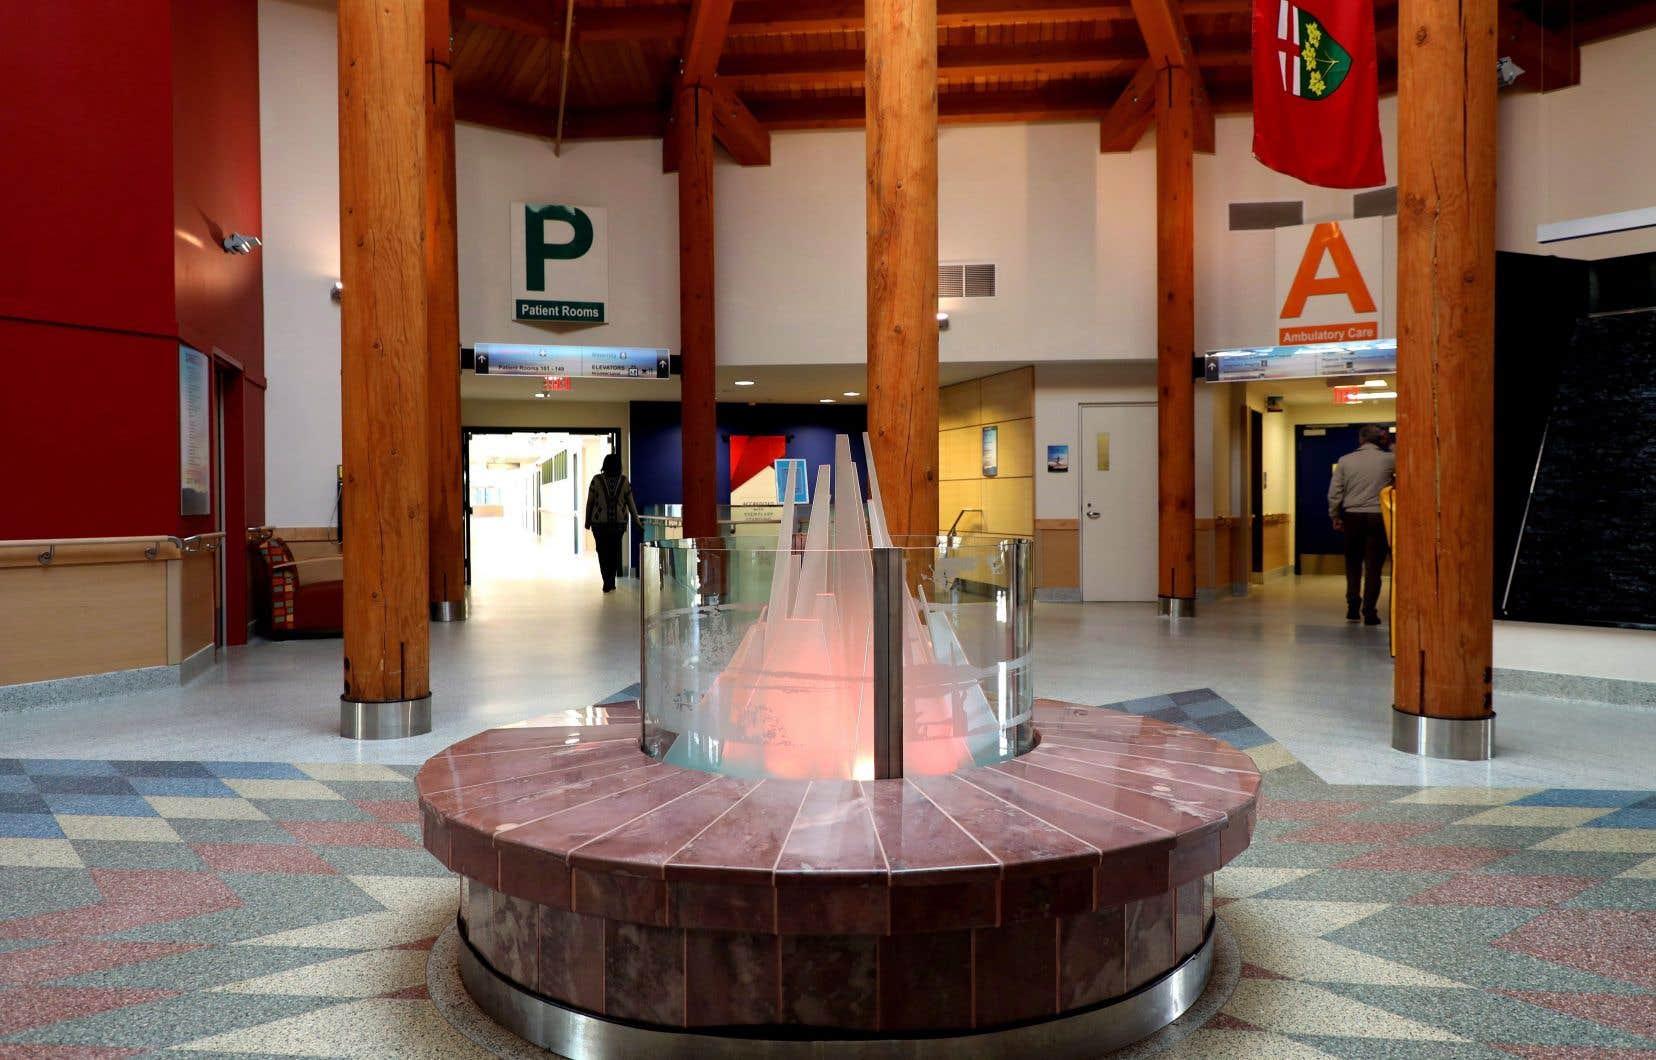 Treize traducteurs de la nation anichinabée travaillent à  l'hôpital Meno Ya Win de Sioux Lookout, en  Ontario. De plus, une formation de quatre jours en sécurisation culturelle est suivie par  l'ensemble  du personnel  qui y travaille.